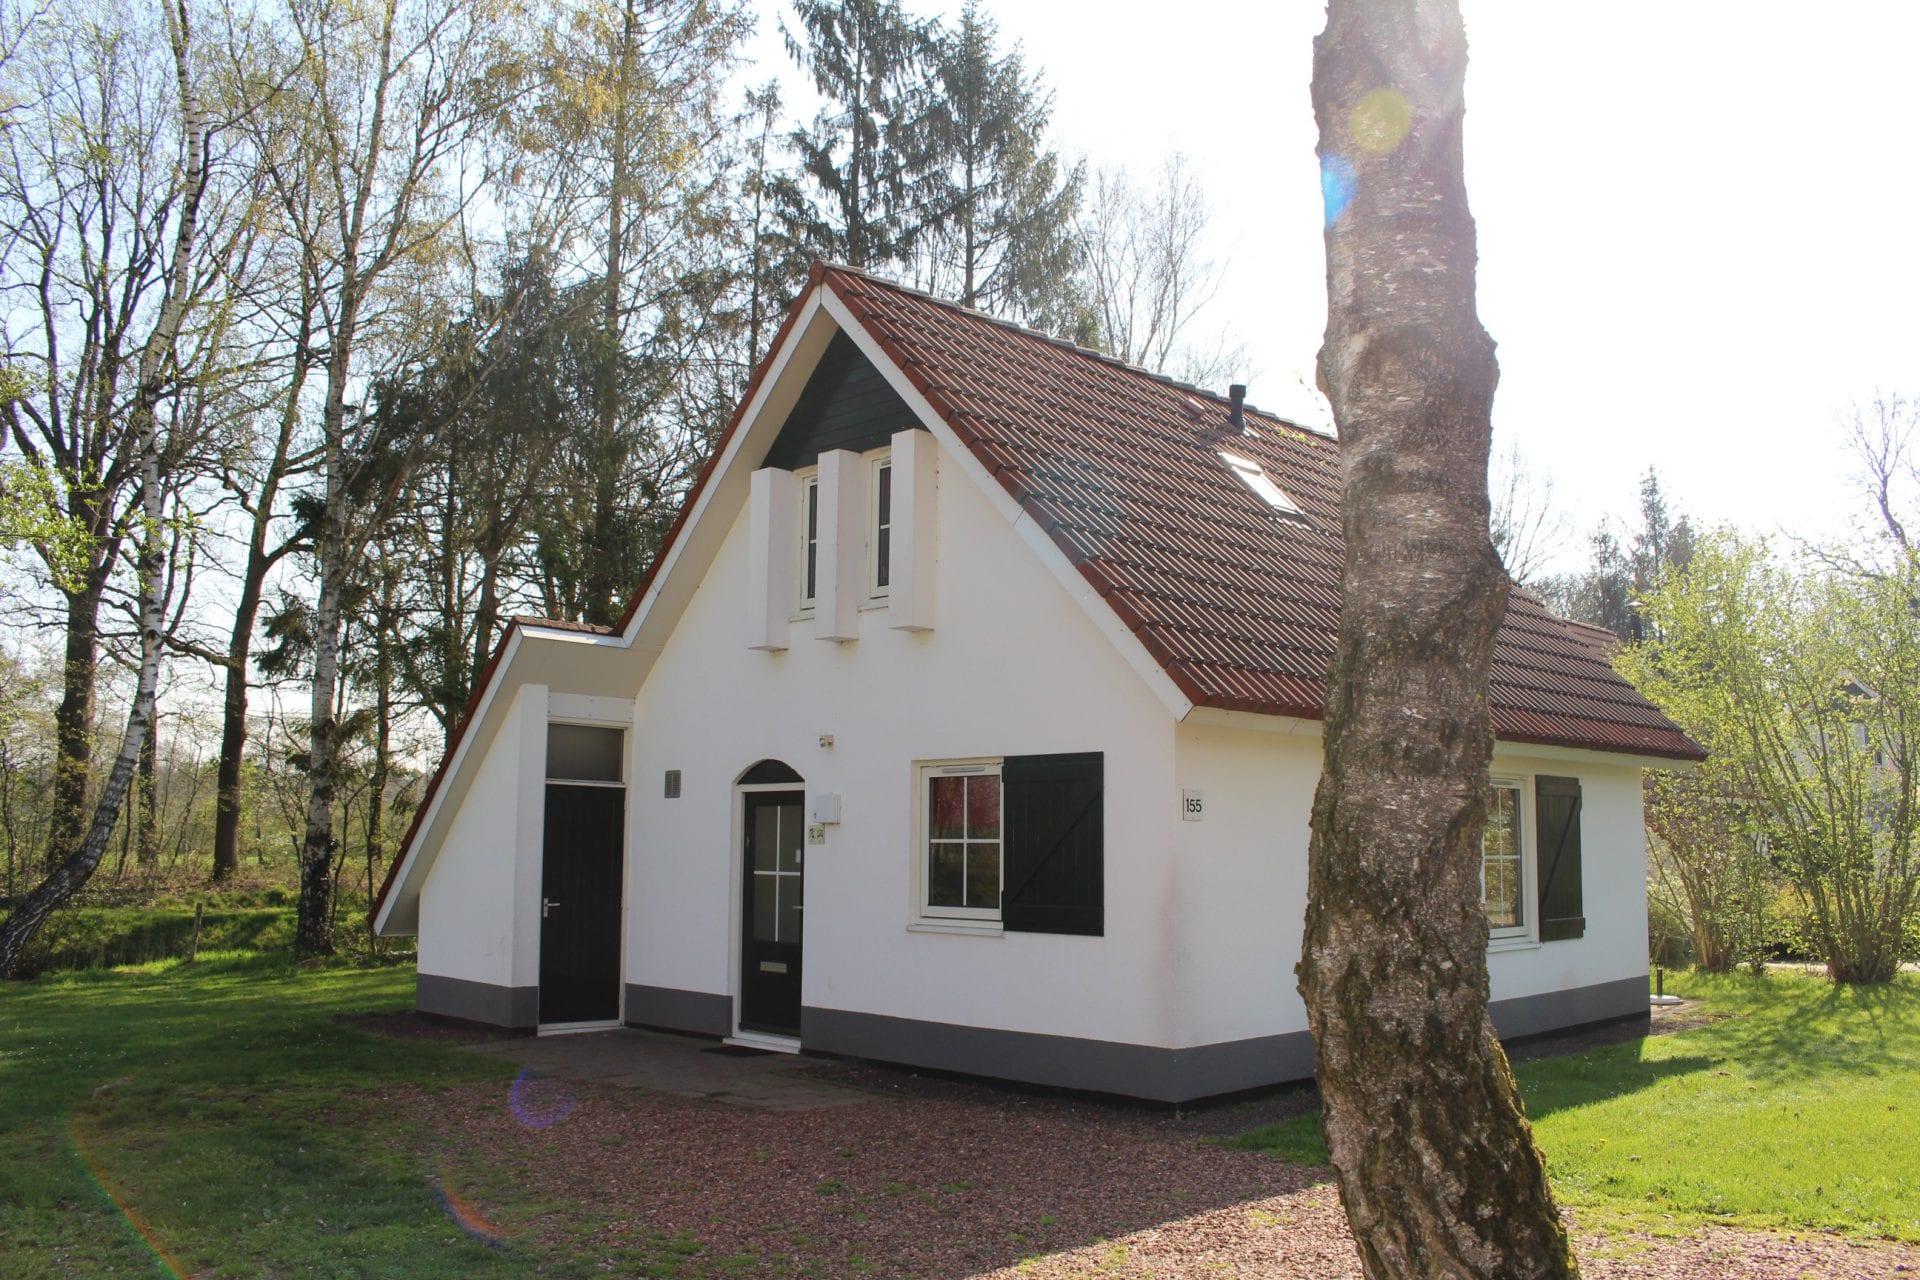 Landgoed De Elsgraven - Recreatielandhuis nr. 155 - 4-persoons de luxe1a